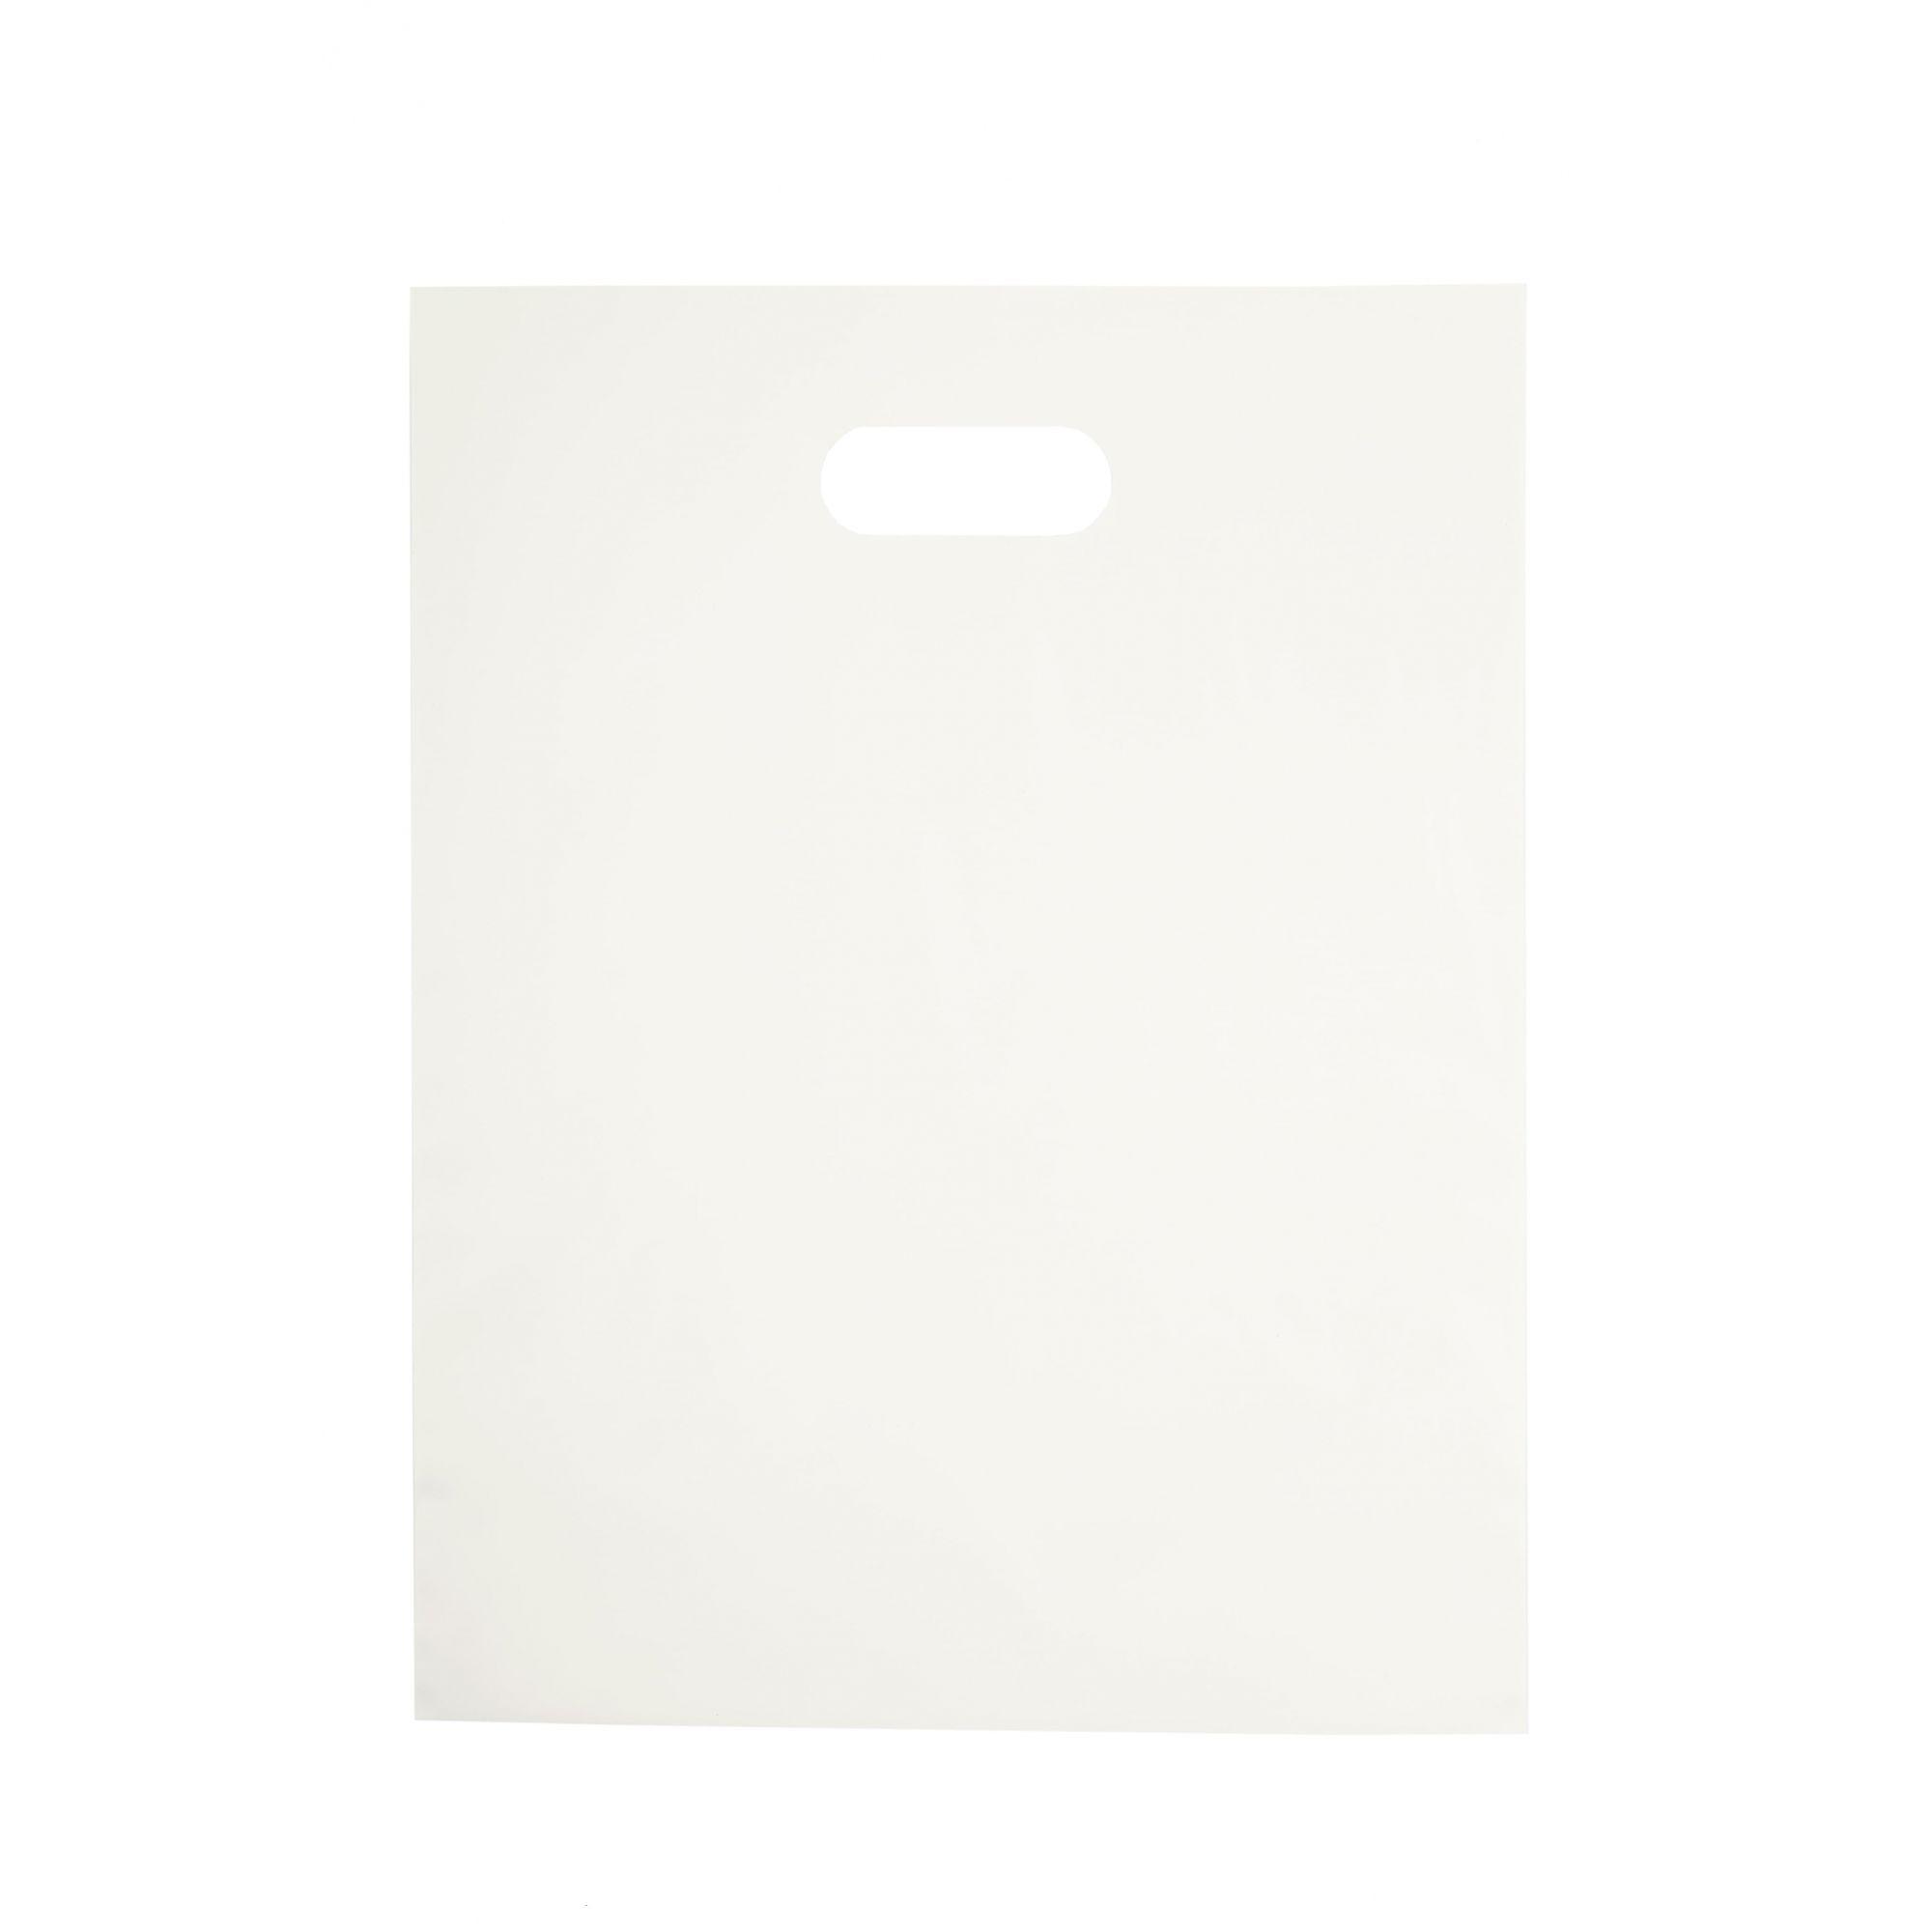 Sacola Plástica 35x44 Branca - Alça Boca de Palhaço